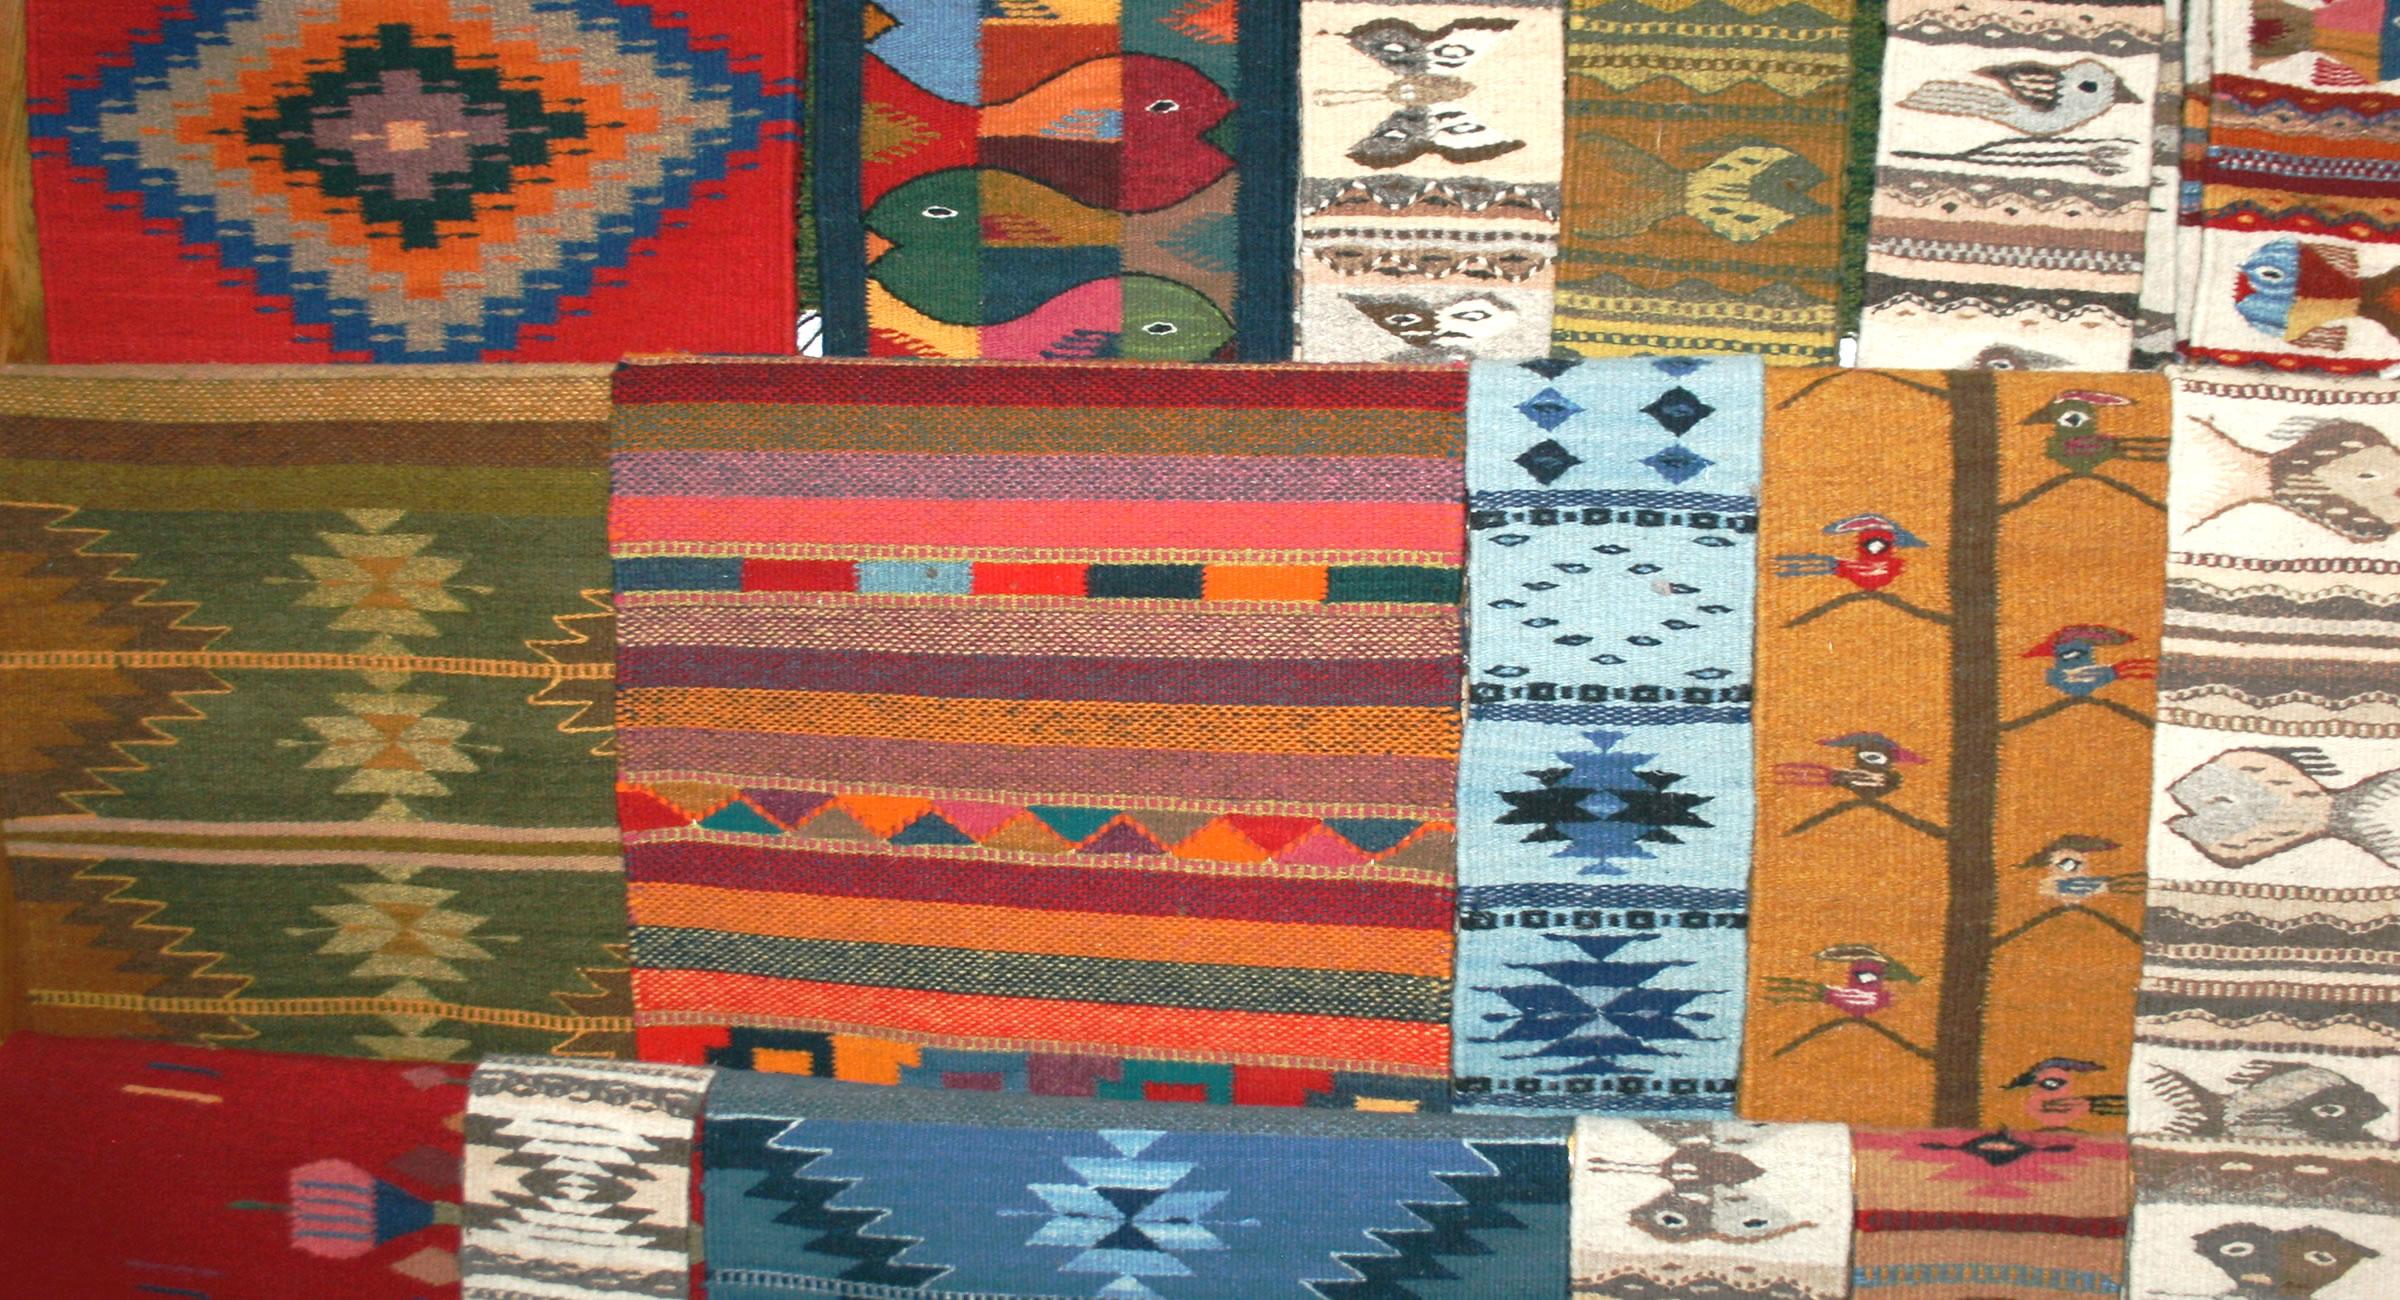 El Tono de la Cochinilla - Wool Rugs from Teótitlan Oaxaca